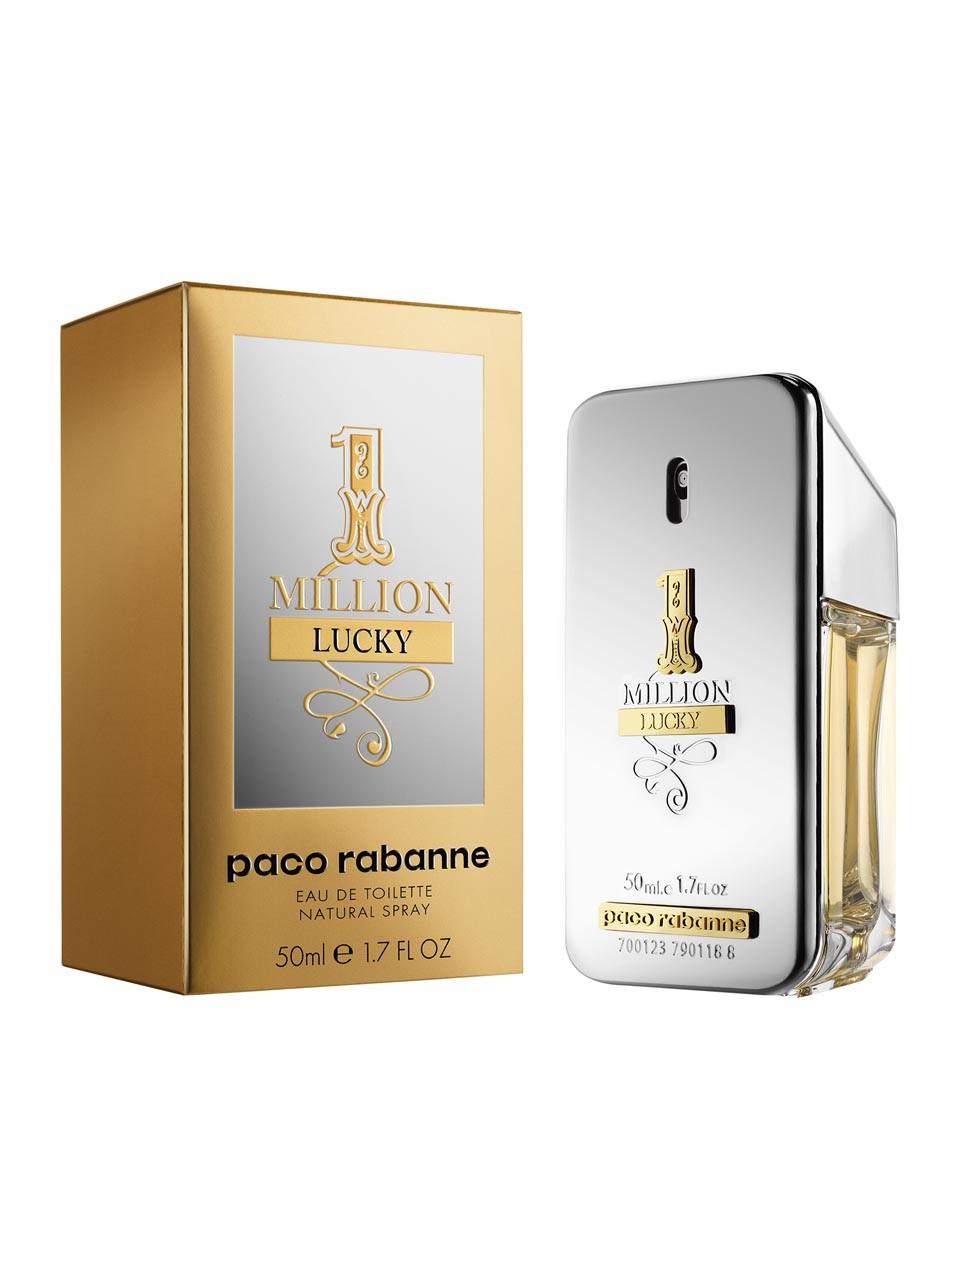 1 Million Lucky Paco Rabanne Cologne Ein Neues Parfum Für Männer 2018